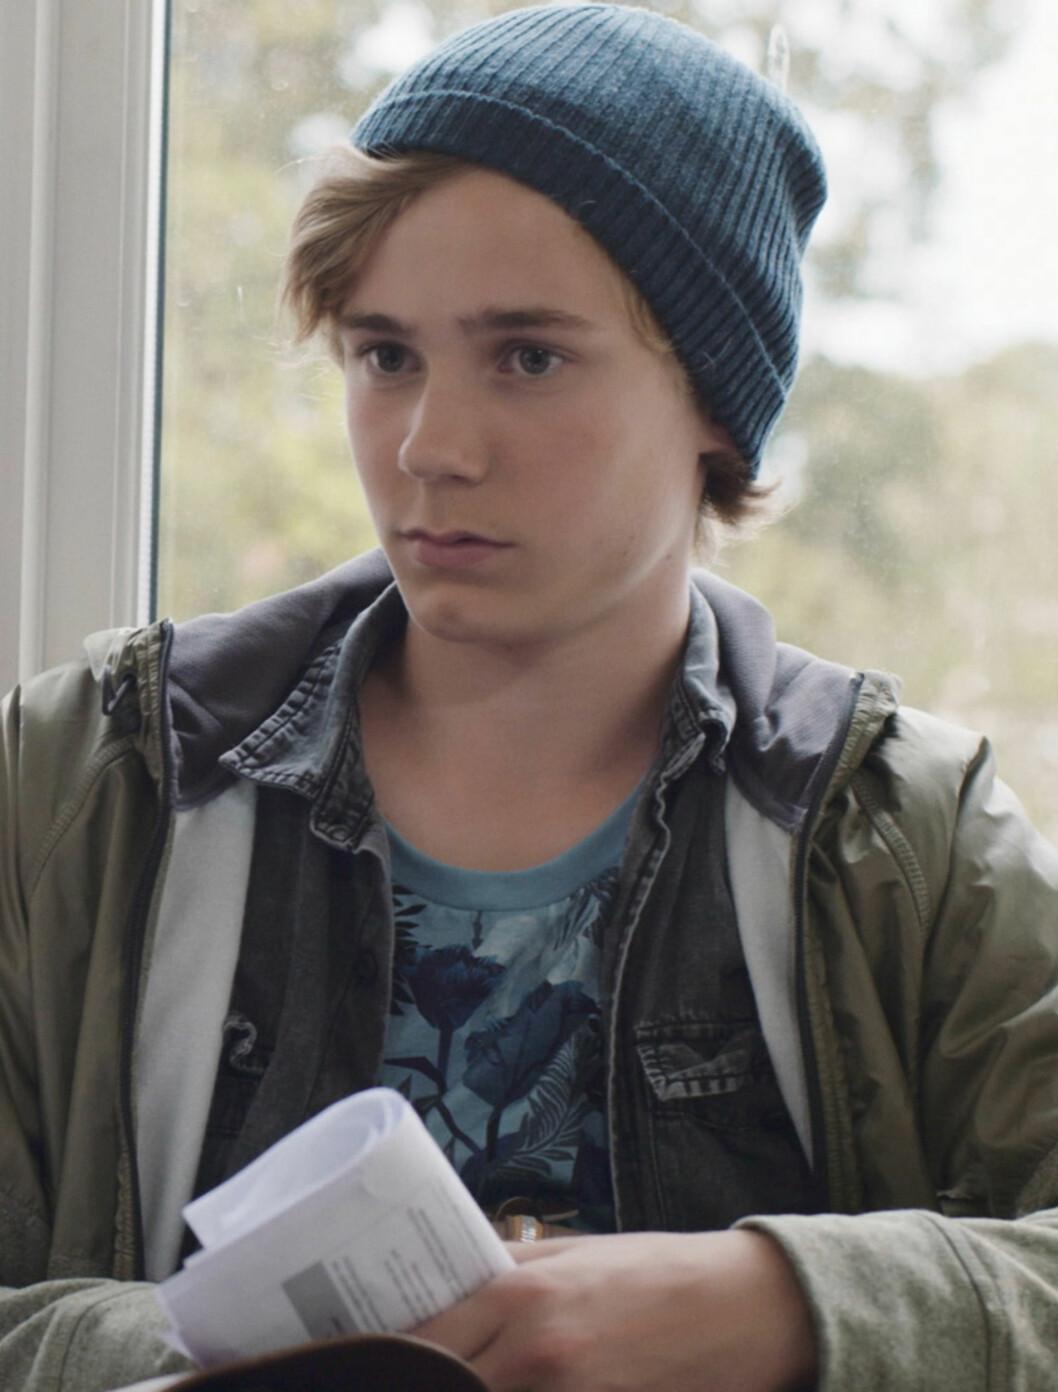 <strong>ISAK:</strong> Rollefiguren Isak Valtersen (Tarjei Sandvik Moe), som er bestevennen til Jonas, har blondt bølgete hår og en avslappet stil. Foto: NRK